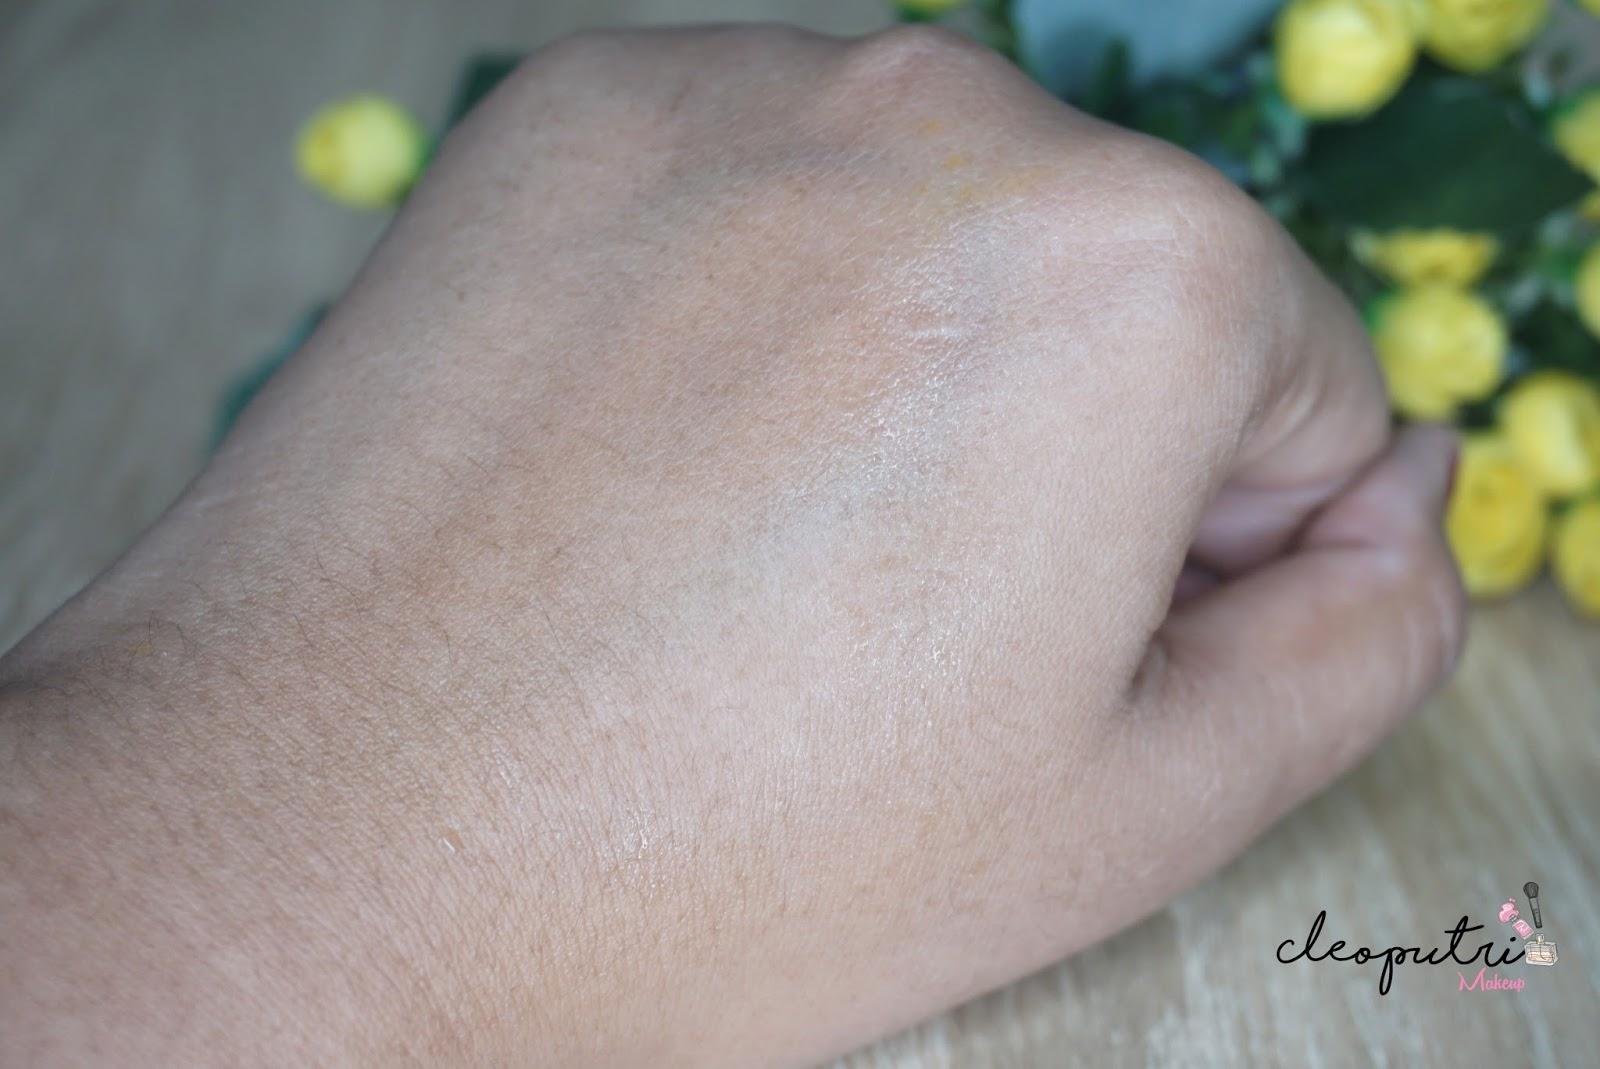 Cleoputri Makeup Indonesian Beauty Blogger Review Sensatia Botanicals Facial C Serum Dry To Normal 60 Ml Dari Segi Warna Menurut Aku Spray Nya Ini Ga Keliatan Apa Alias Bening Tau Sih Yang Suka Tuh Wanginya Oh Gosh